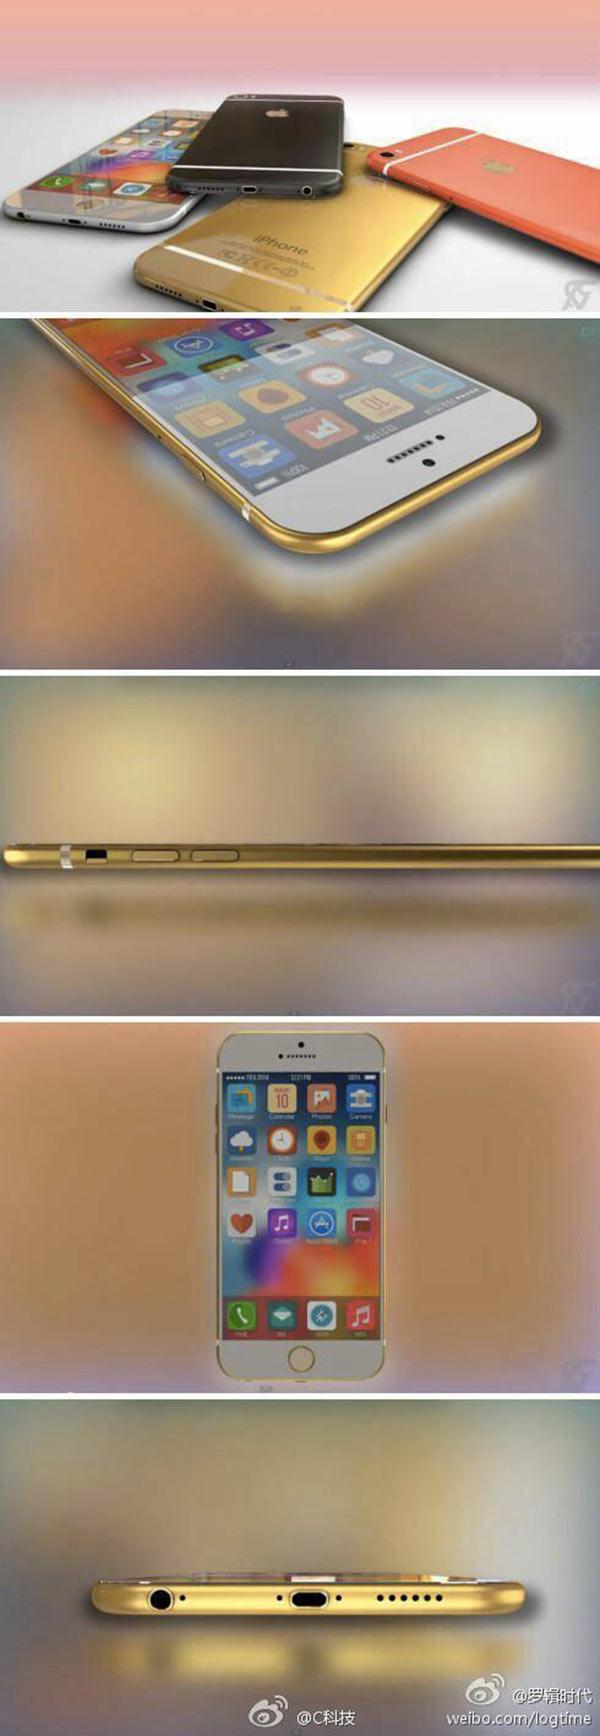 iphone-6-un-nouveau-rendu-3d-en-video-4-couleurs-et-un-haut-parleur-different